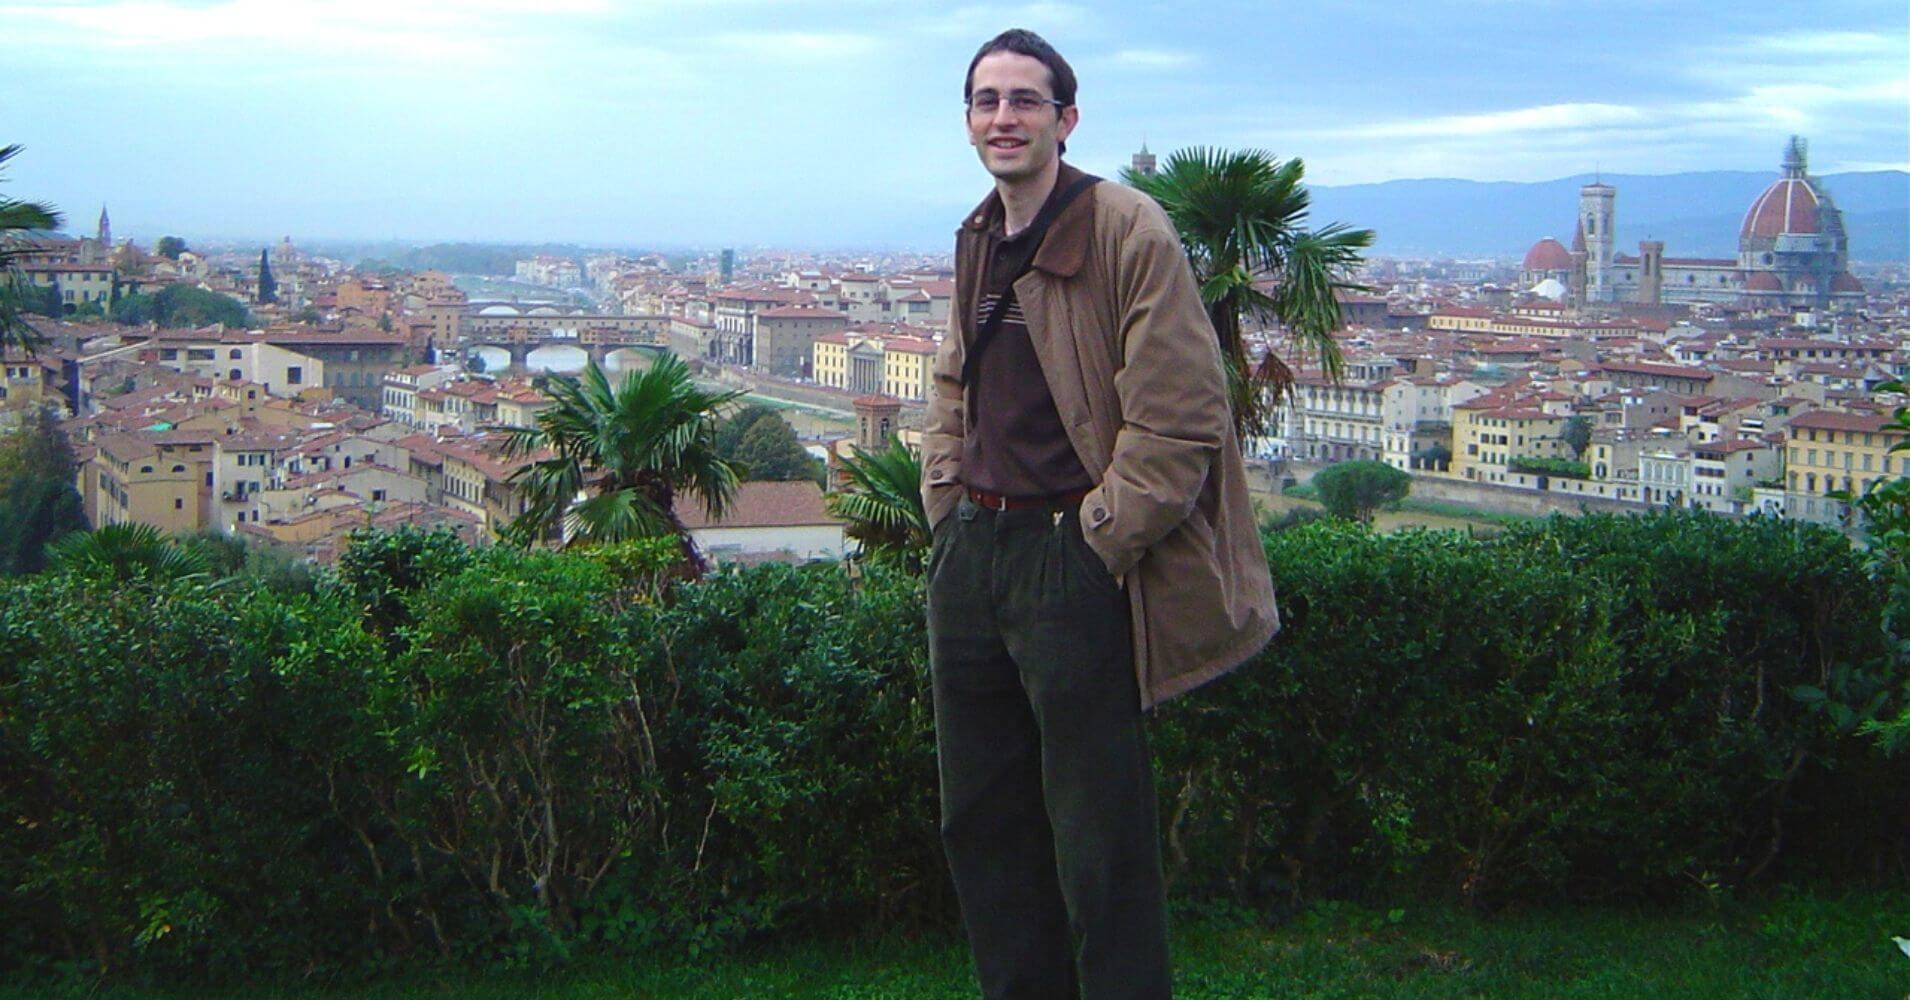 Panorámica de Florencia desde Parque San Michelangelo. Toscana, Italia.